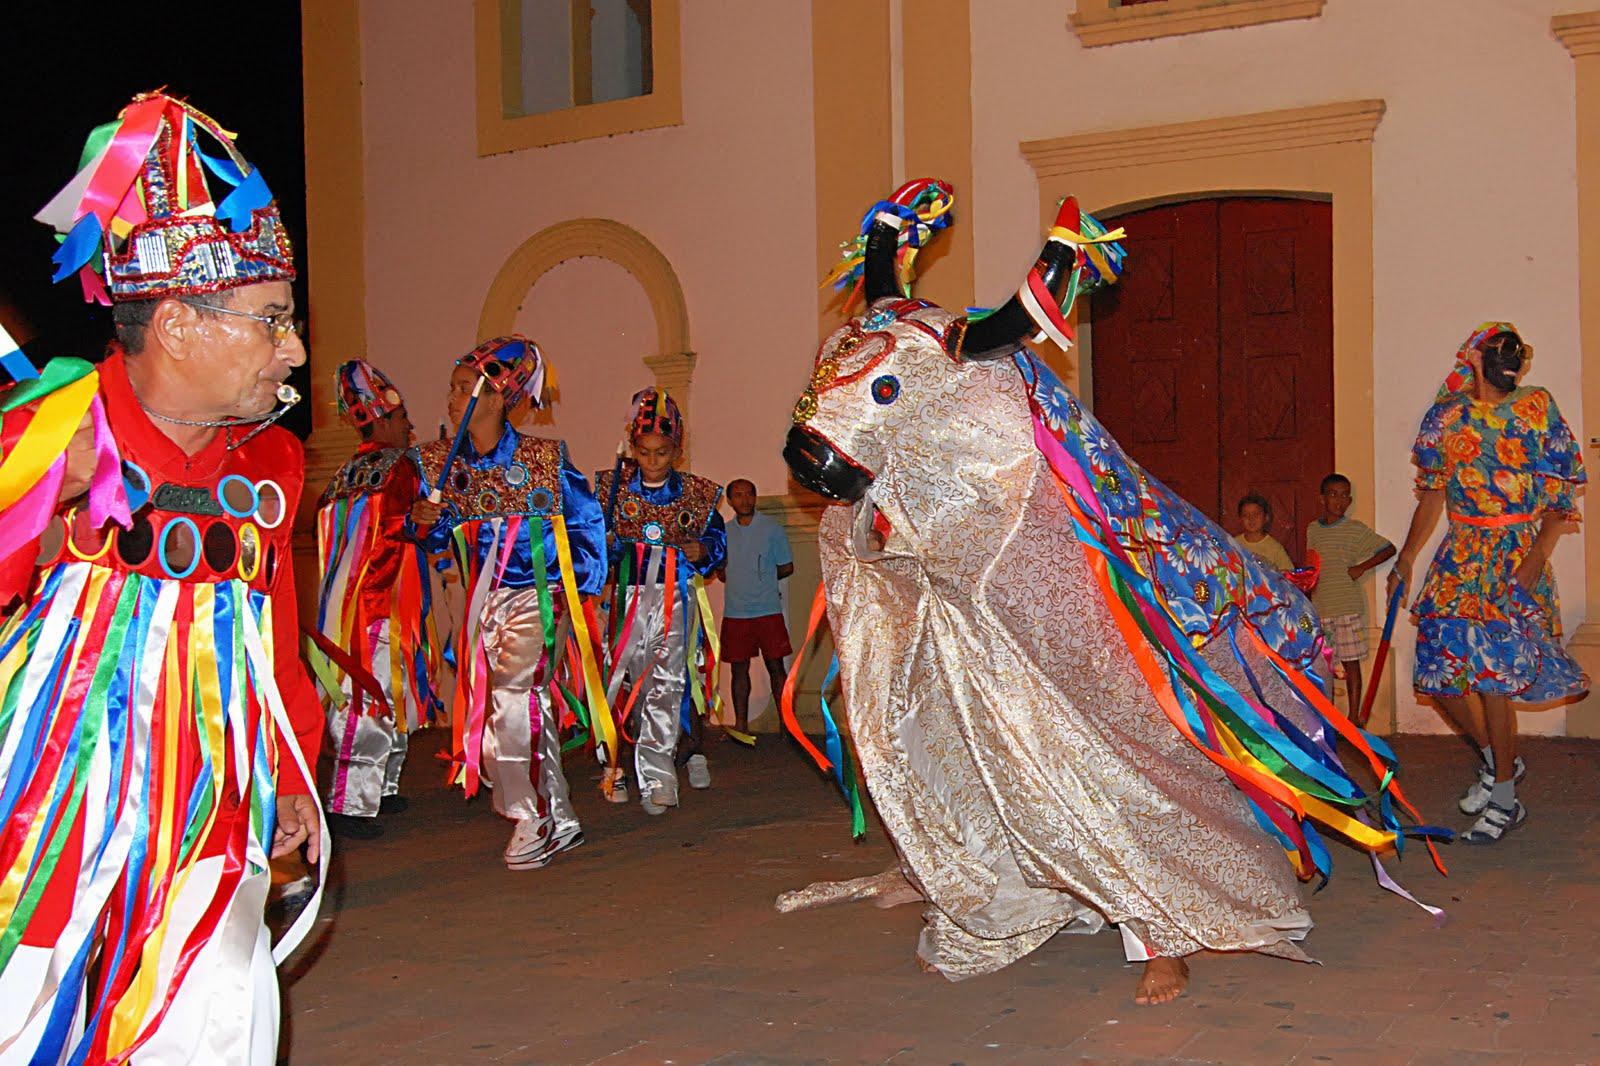 Boi Calemba Pintadinho participa de Festival Folclórico em São Paulo